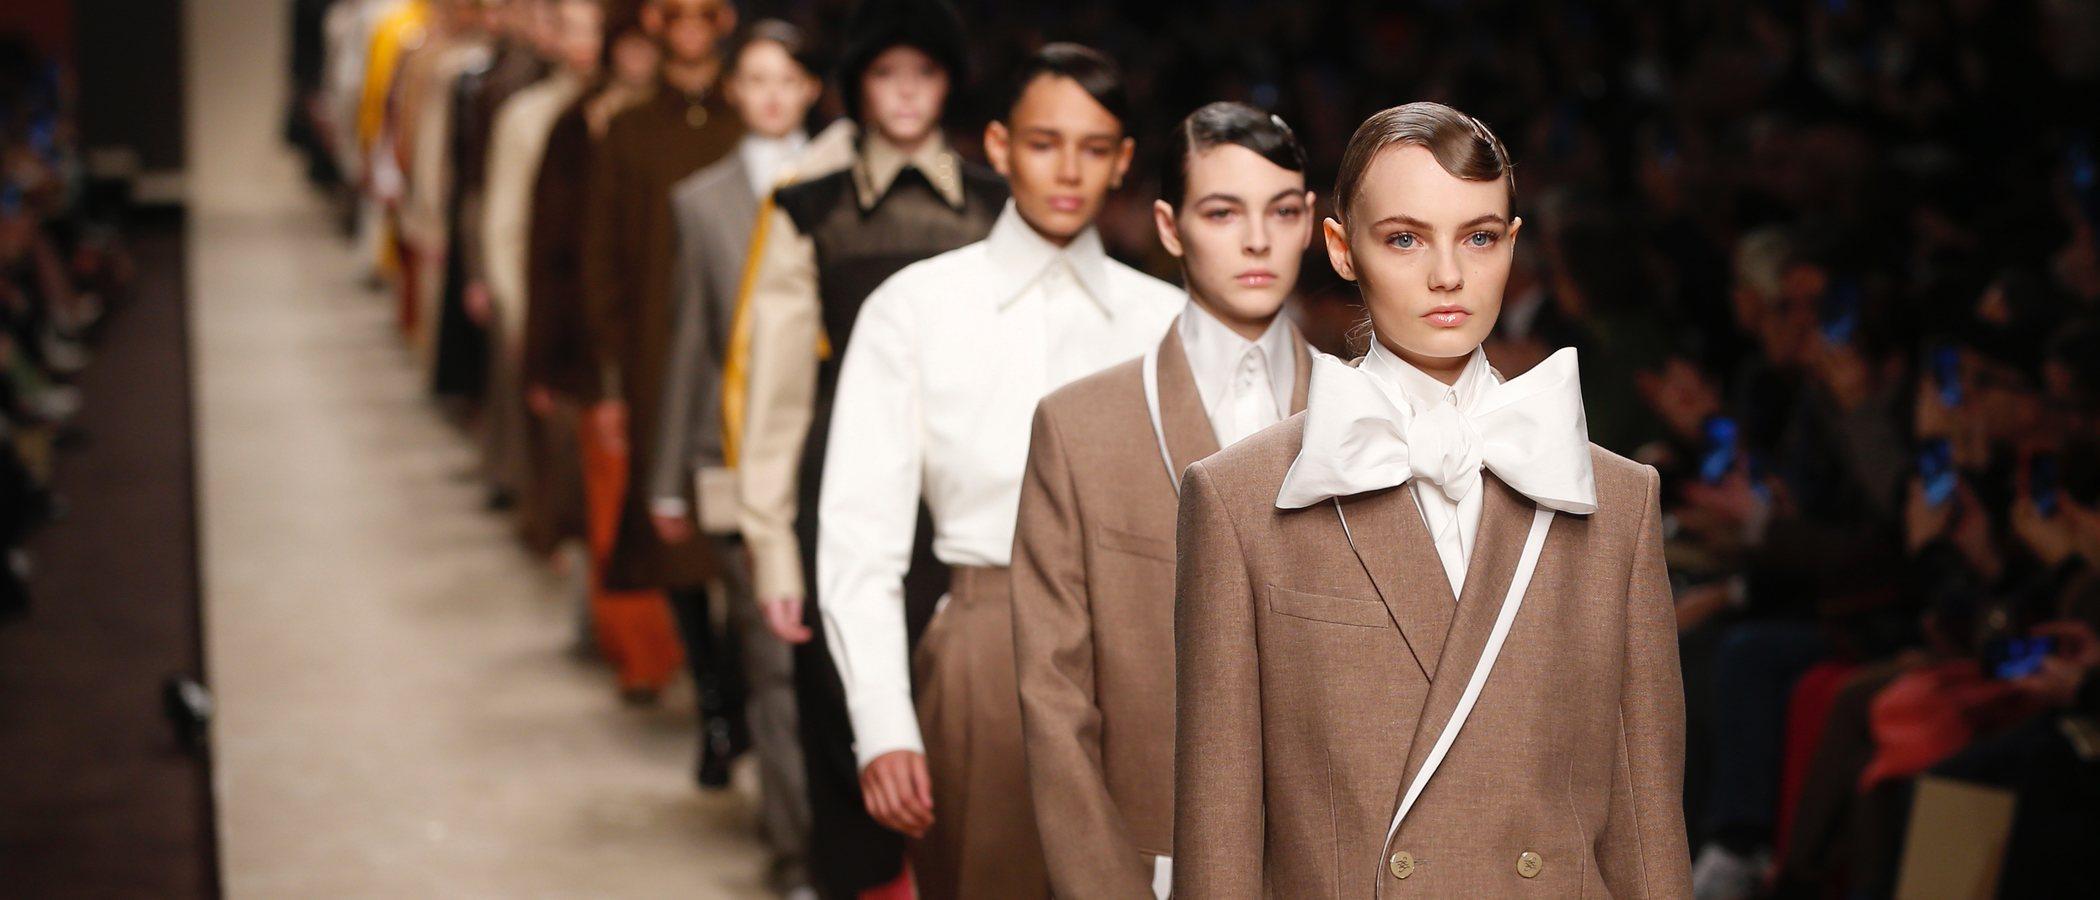 'Love, K': así fue el desfile de Fendi O/I 19/20, la primera colección de Karl Lagerfeld tras su muerte